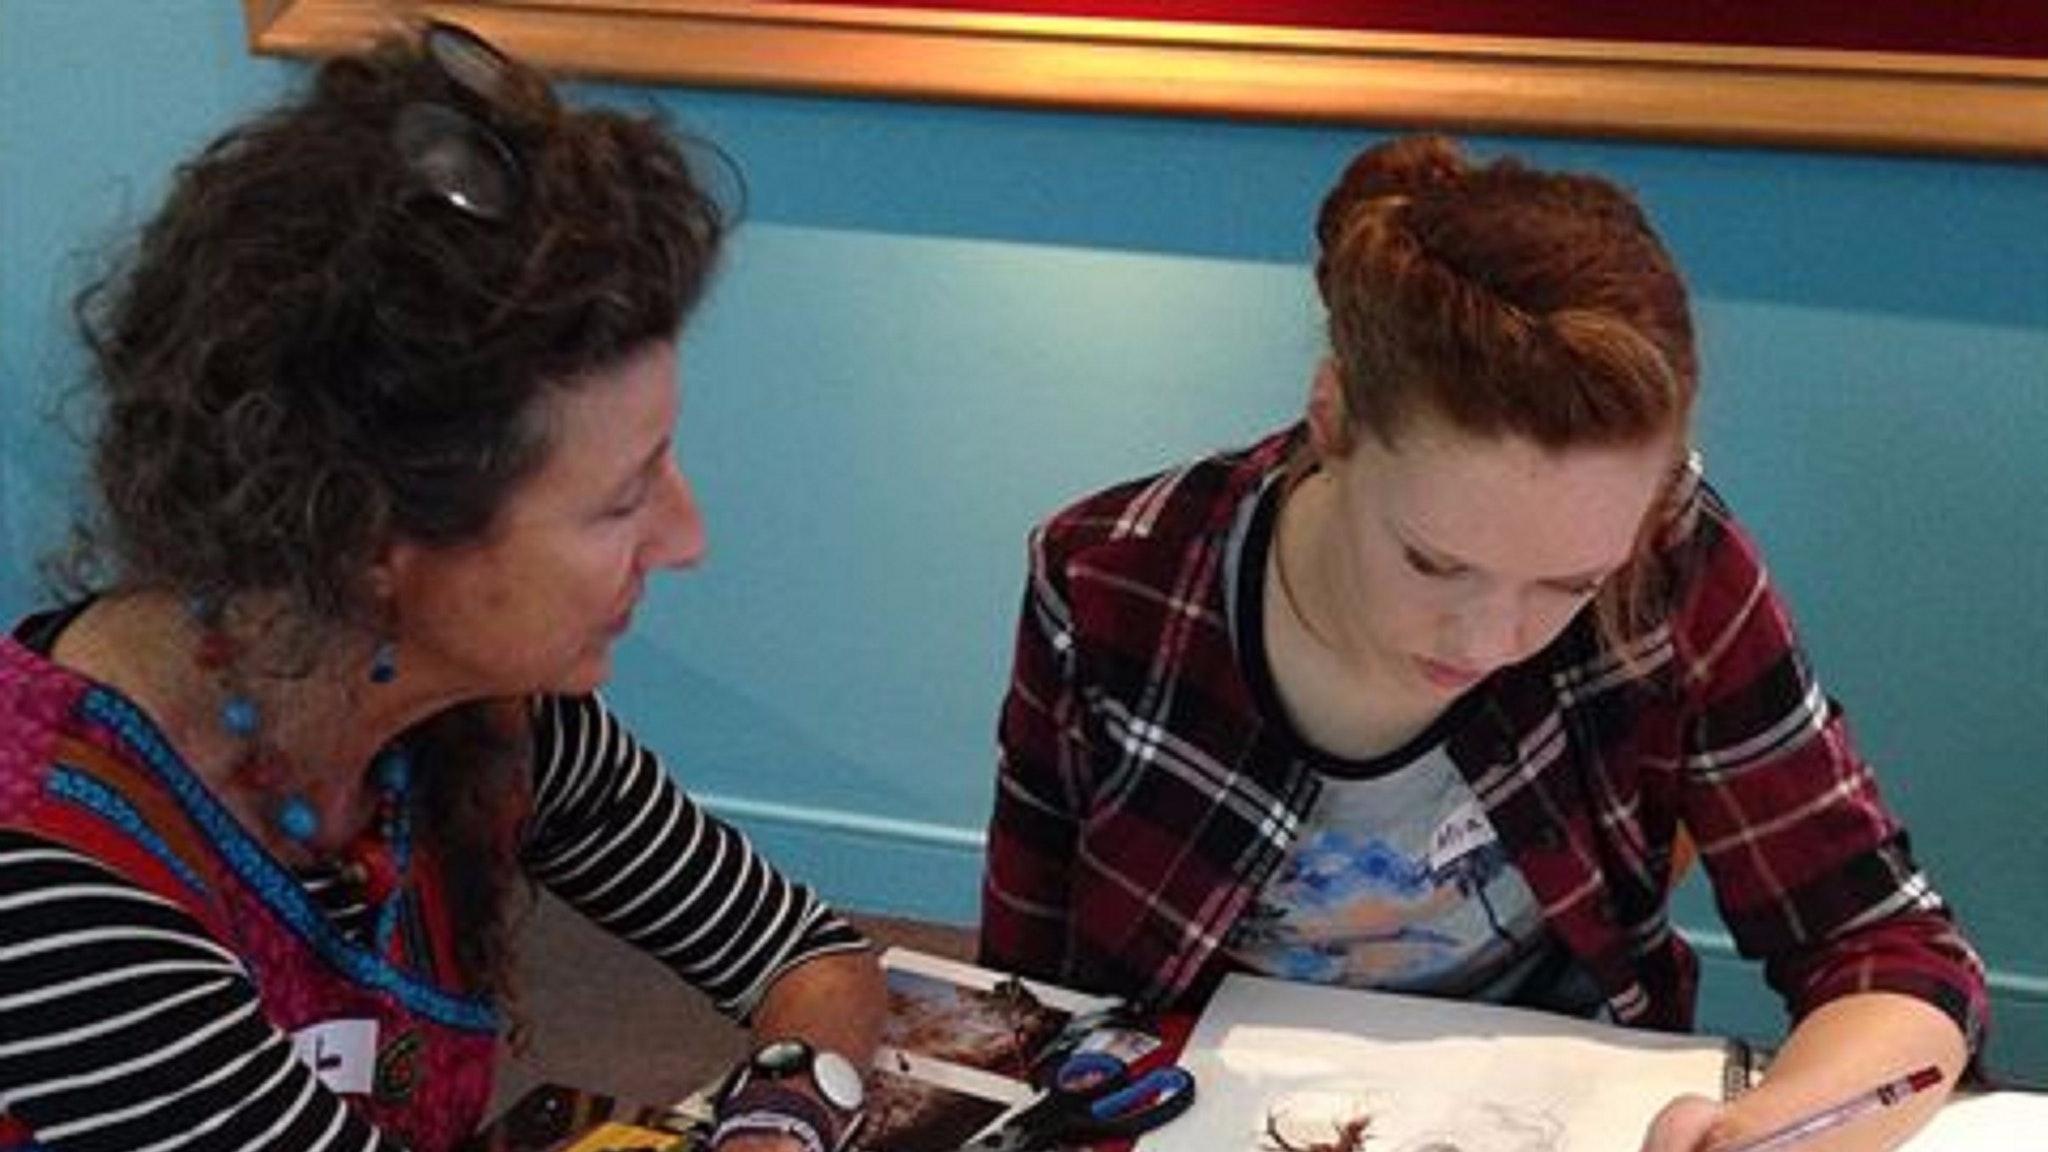 Jill Anderson tutoring student